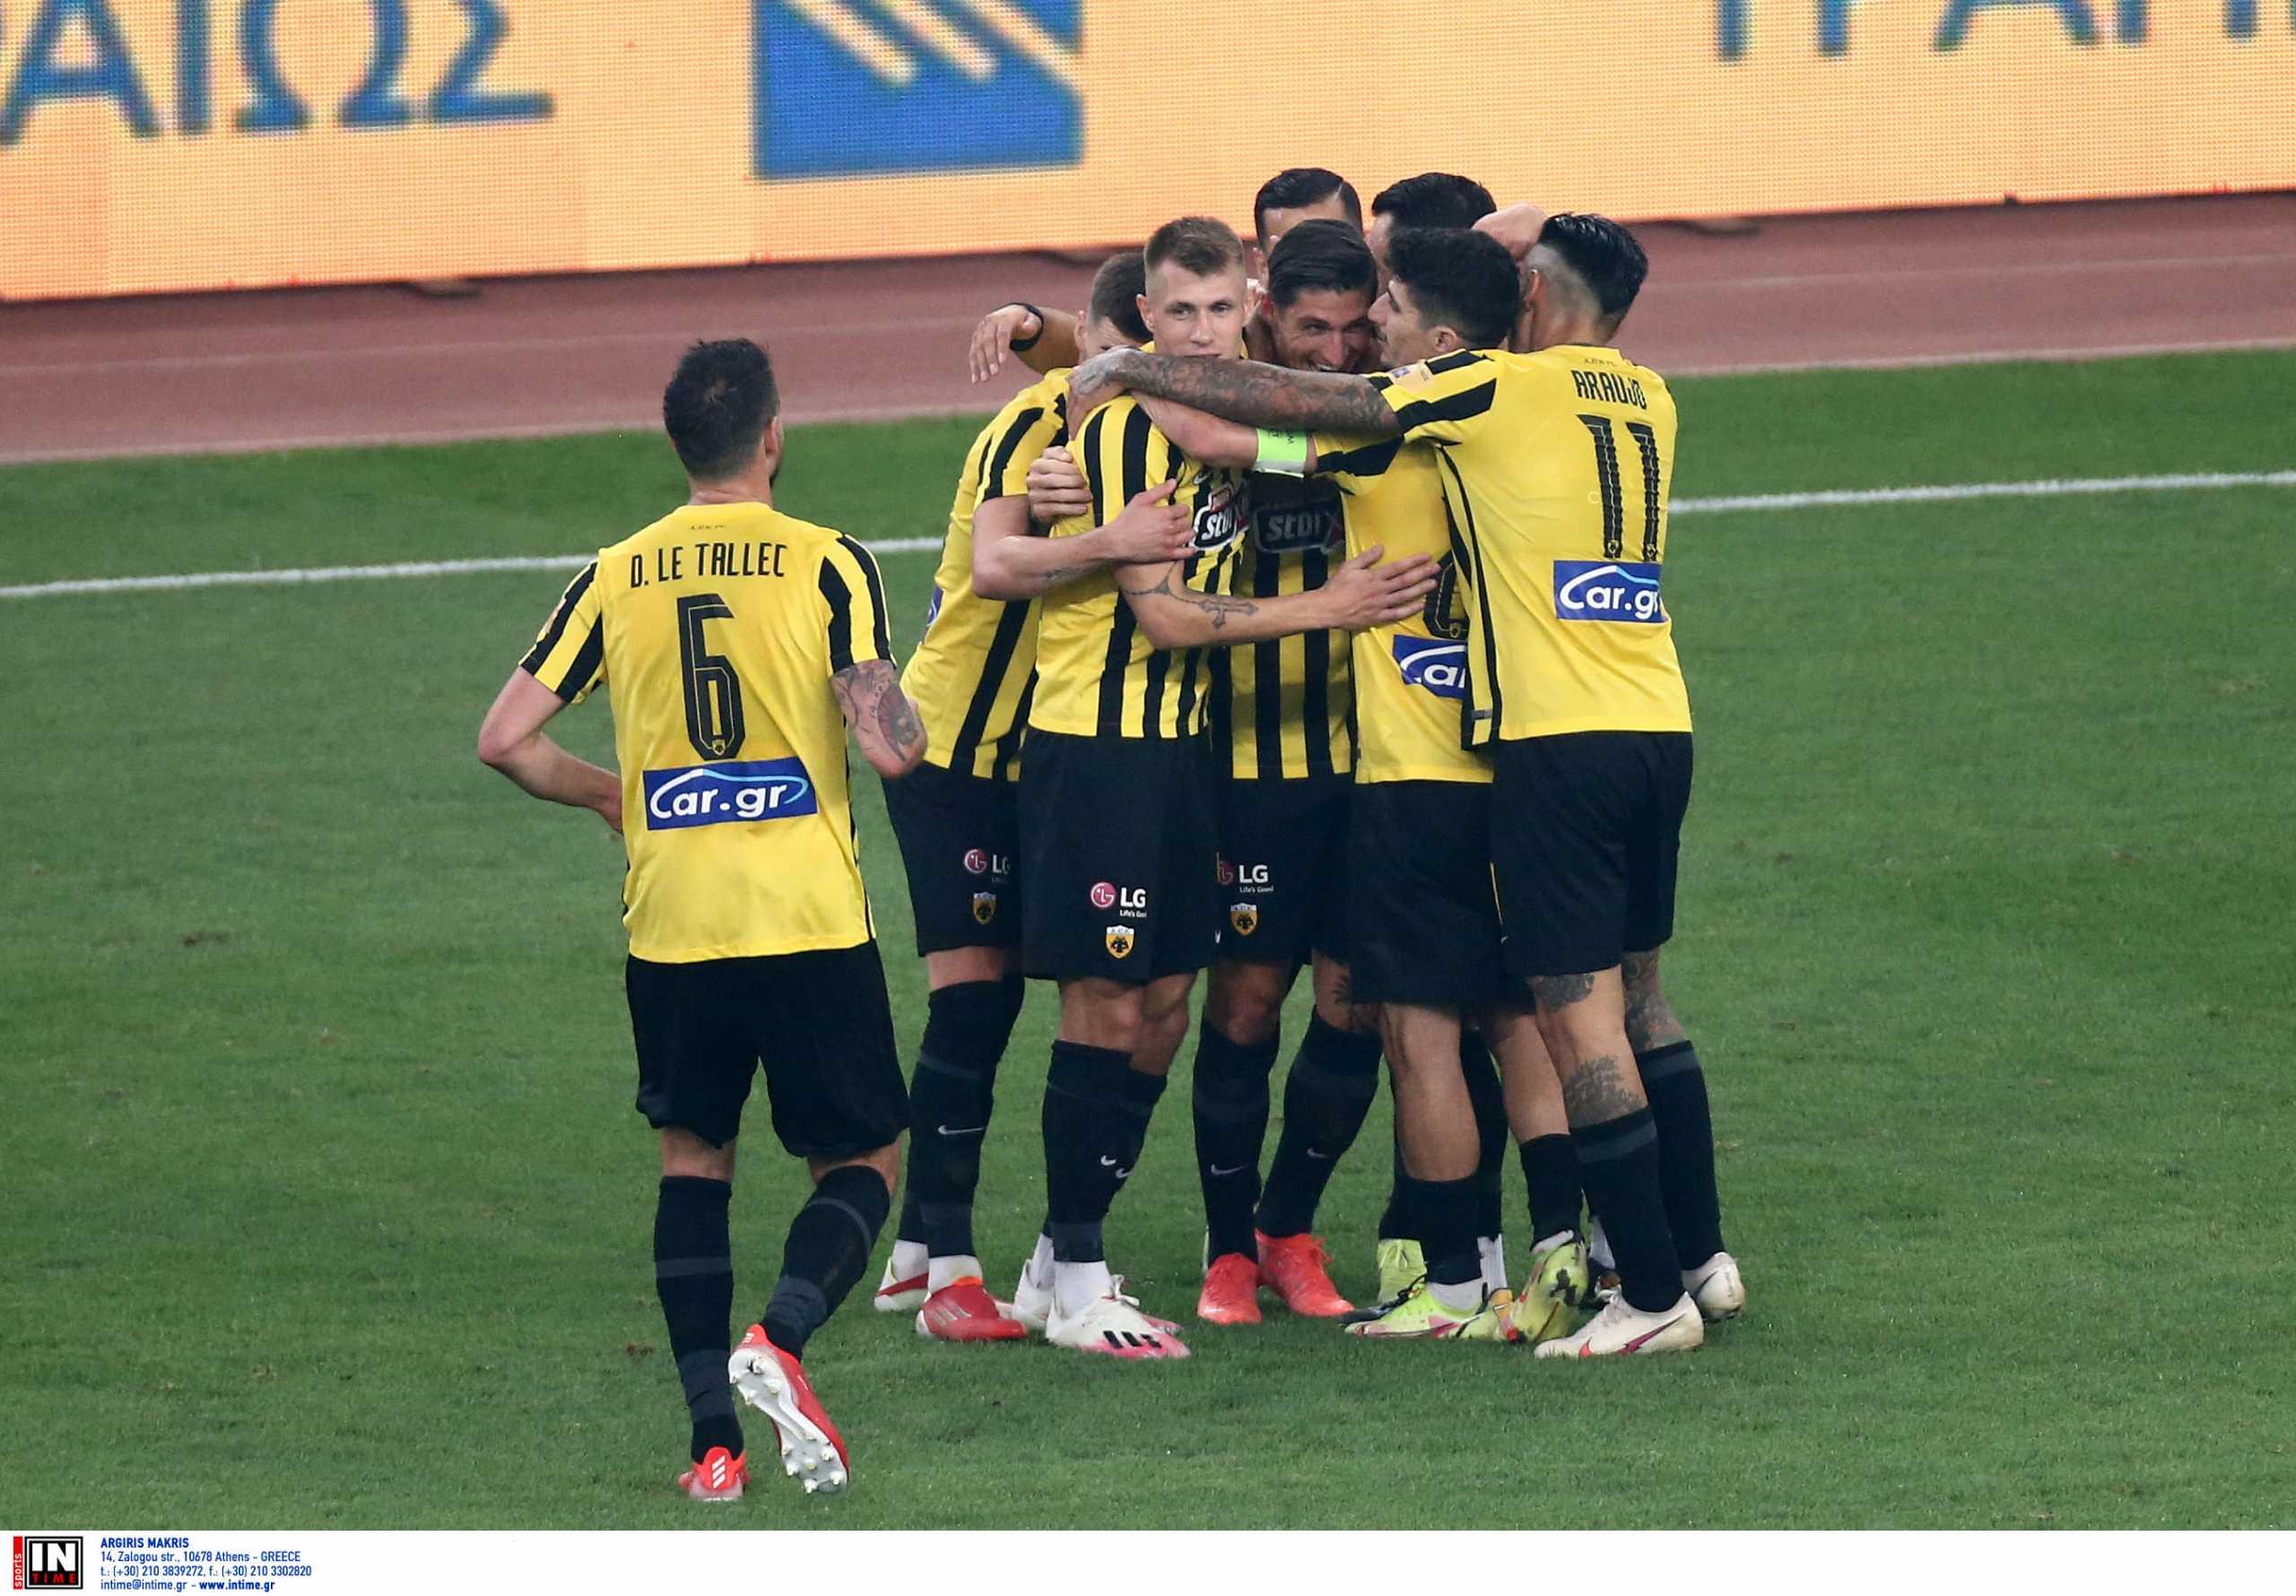 ΑΕΚ: Για πρώτη φορά στην «κιτρινόμαυρη» ιστορία τέτοια πρεμιέρα πρωταθλήματος